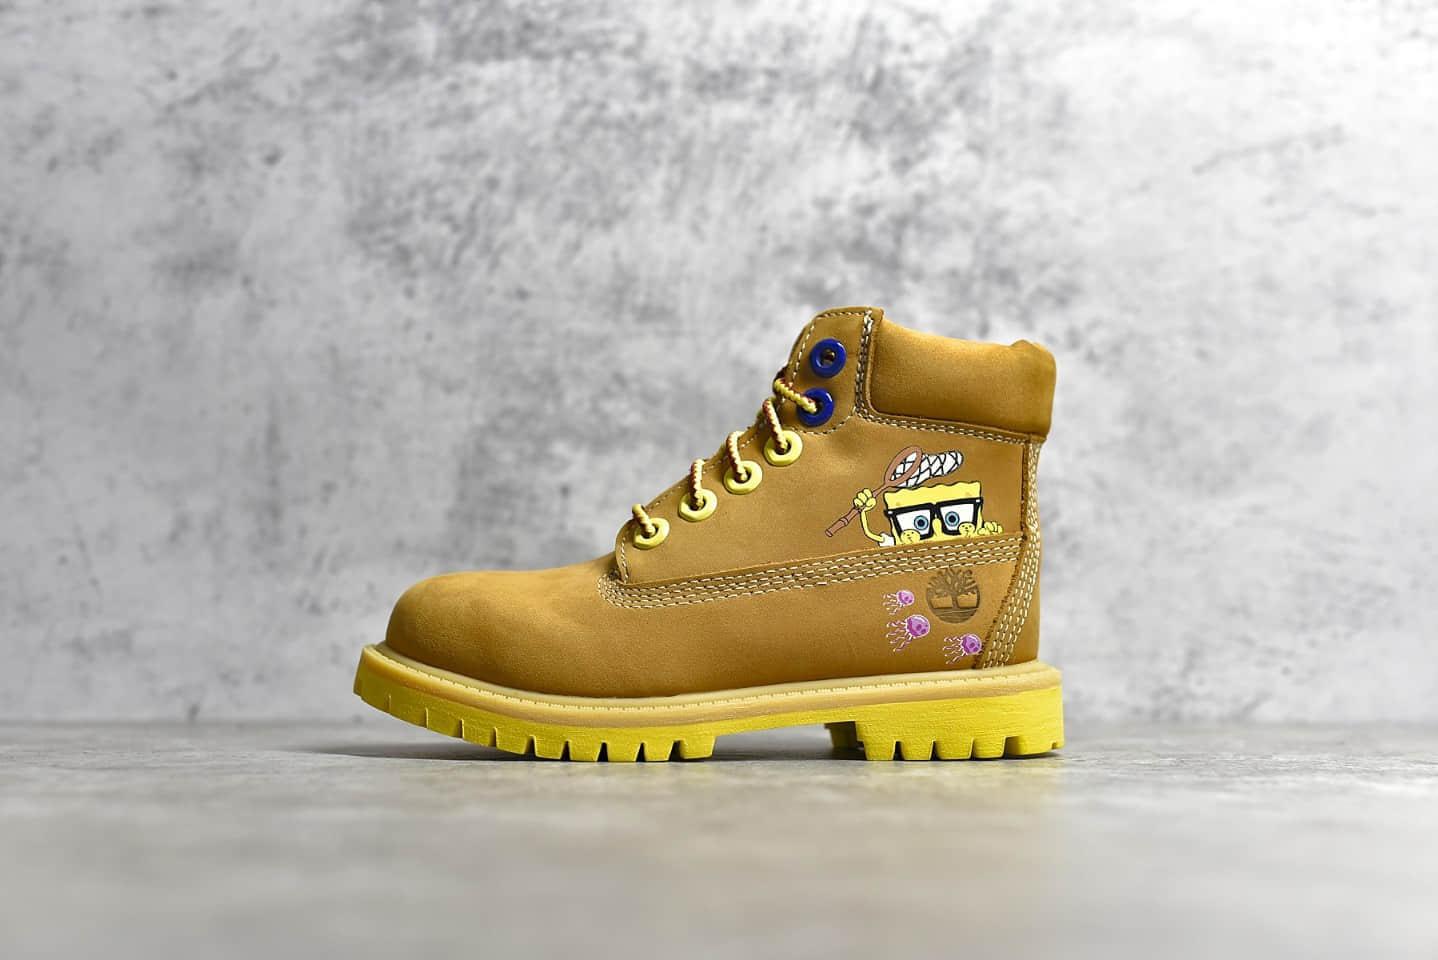 天伯伦童鞋海绵宝宝联名 Timberland x SpongeBob 顶级高版本天伯伦海绵宝宝亲子款20周年纪念款-潮流者之家